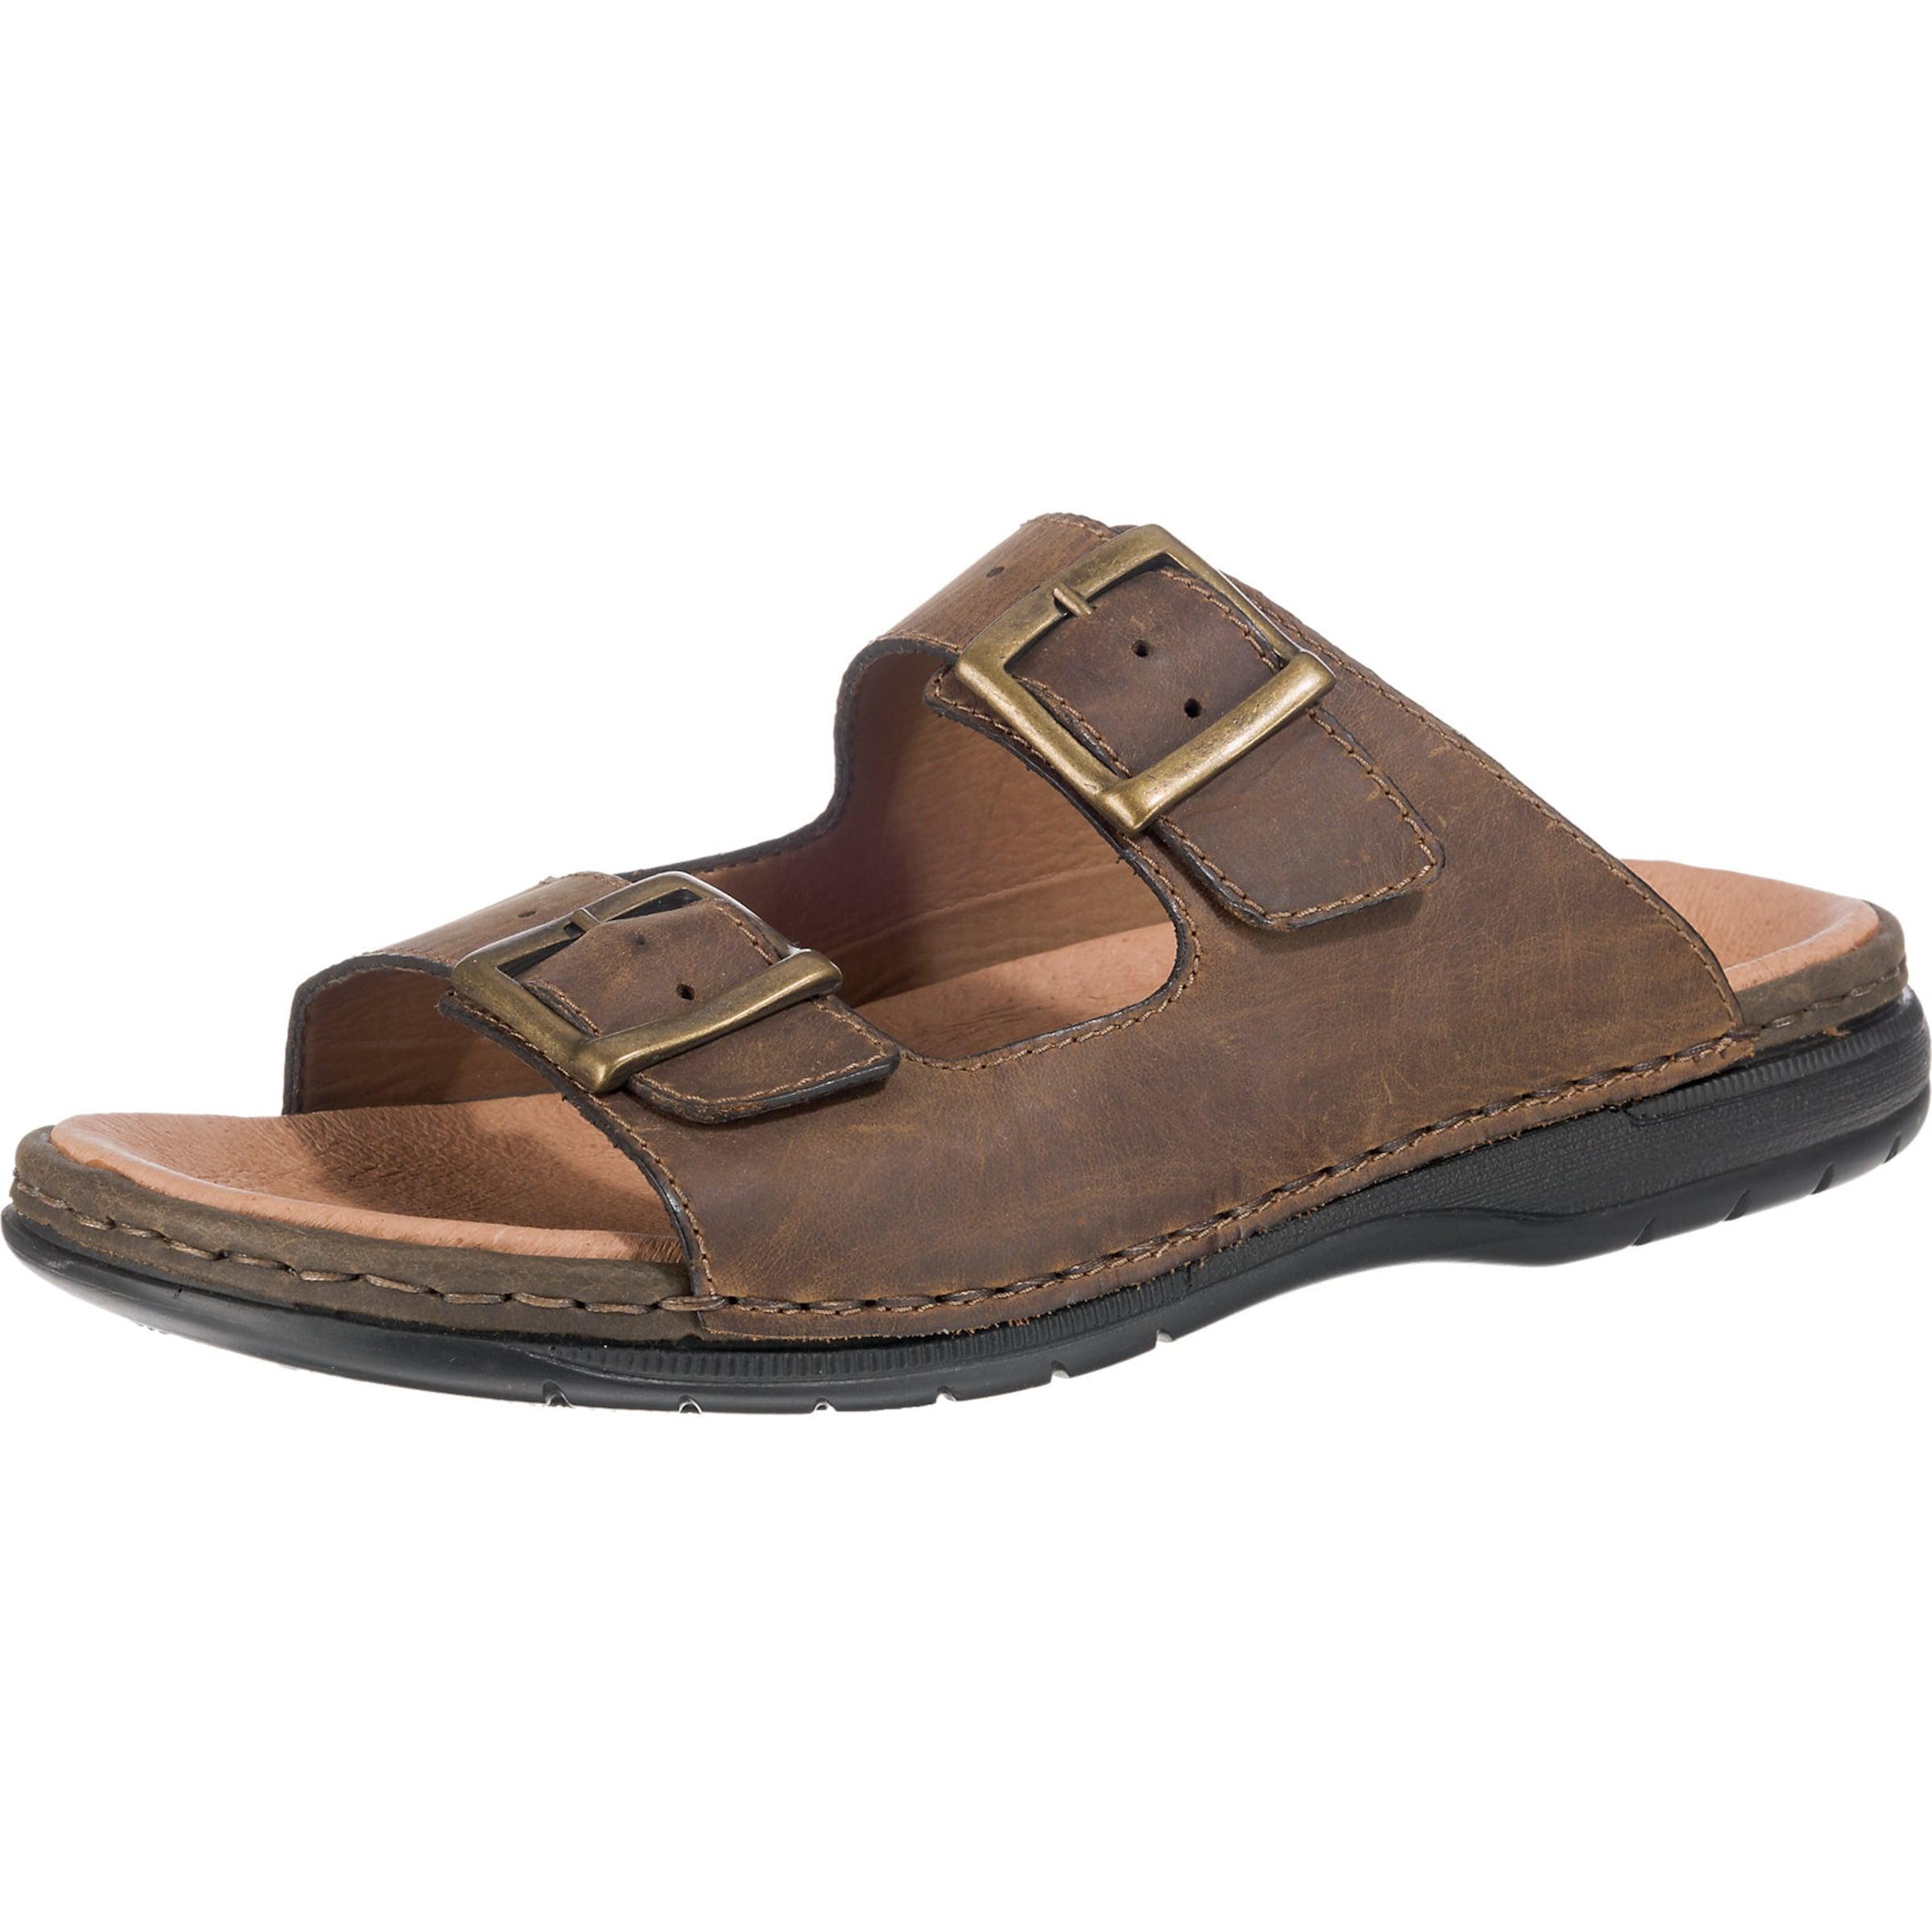 RIEKER | Sandalen mit goldenen Schnallen